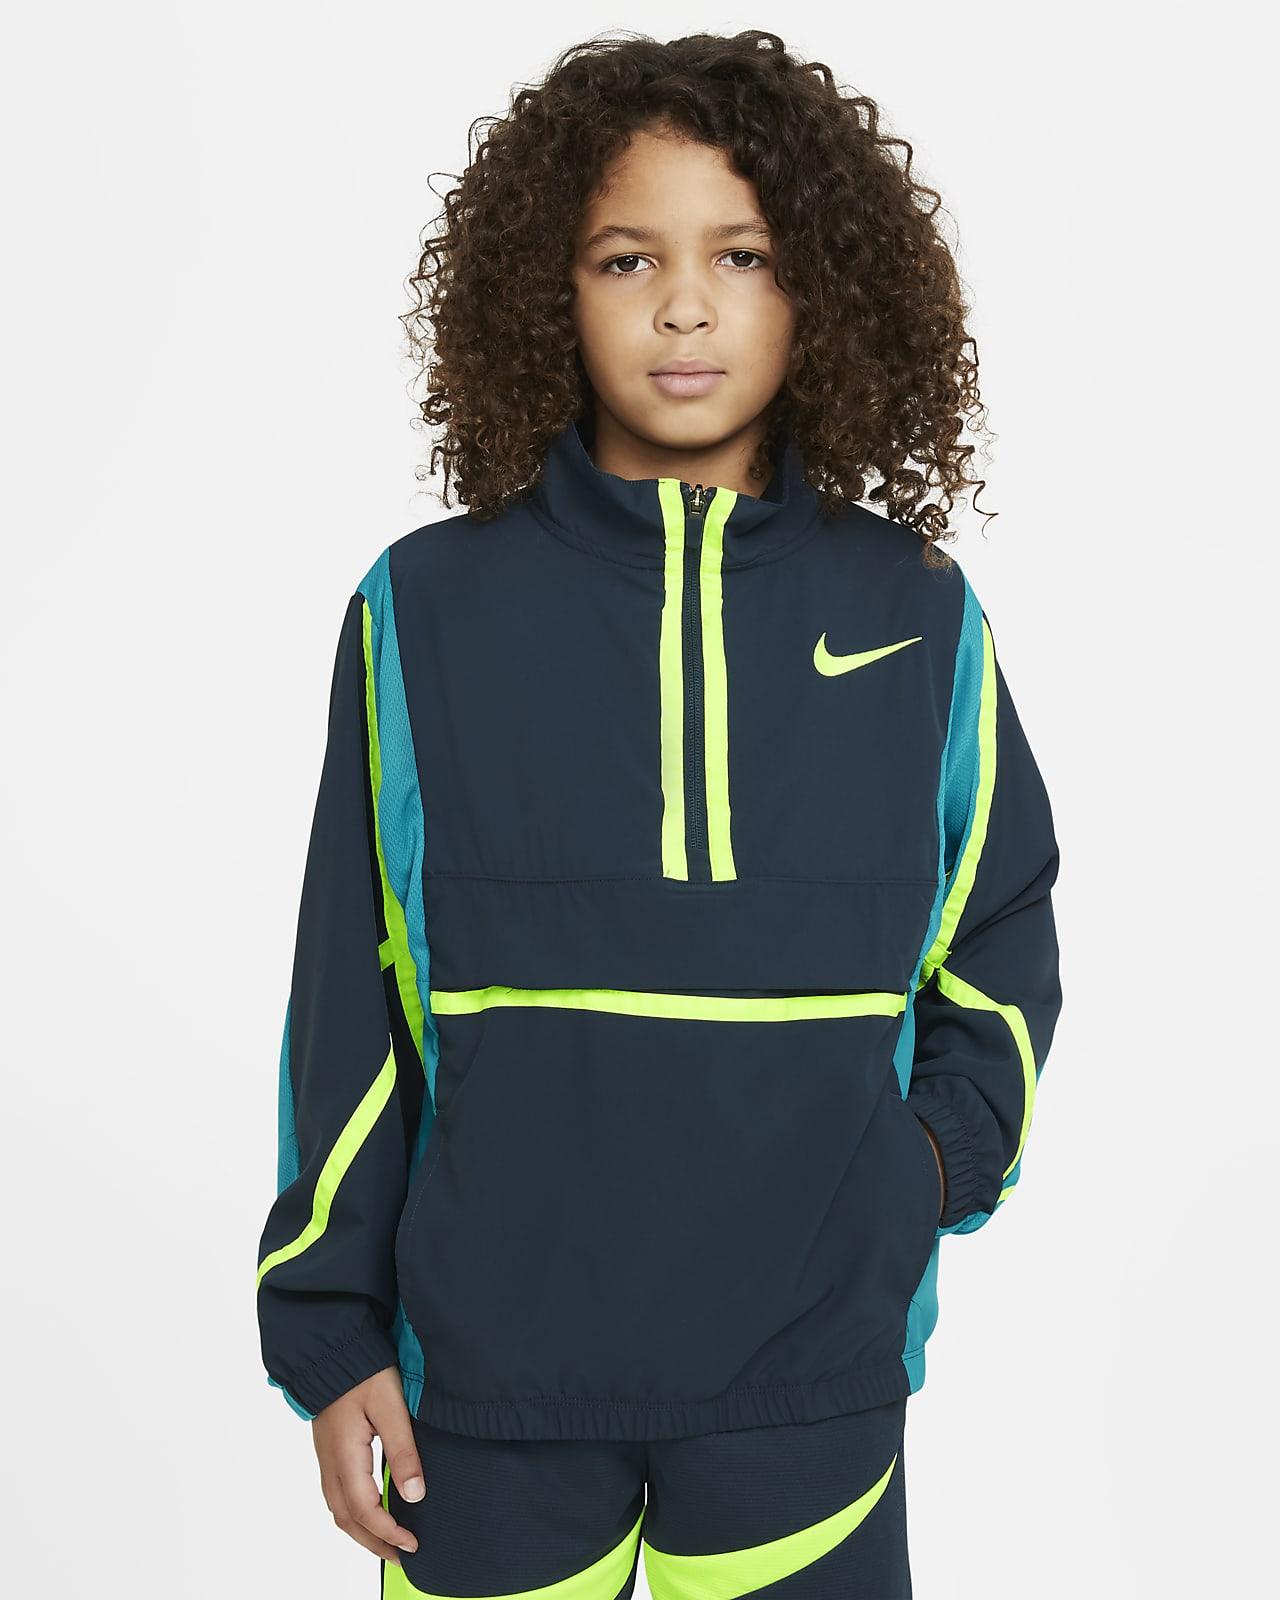 Casaco de basquetebol Nike Crossover Júnior (Rapaz)